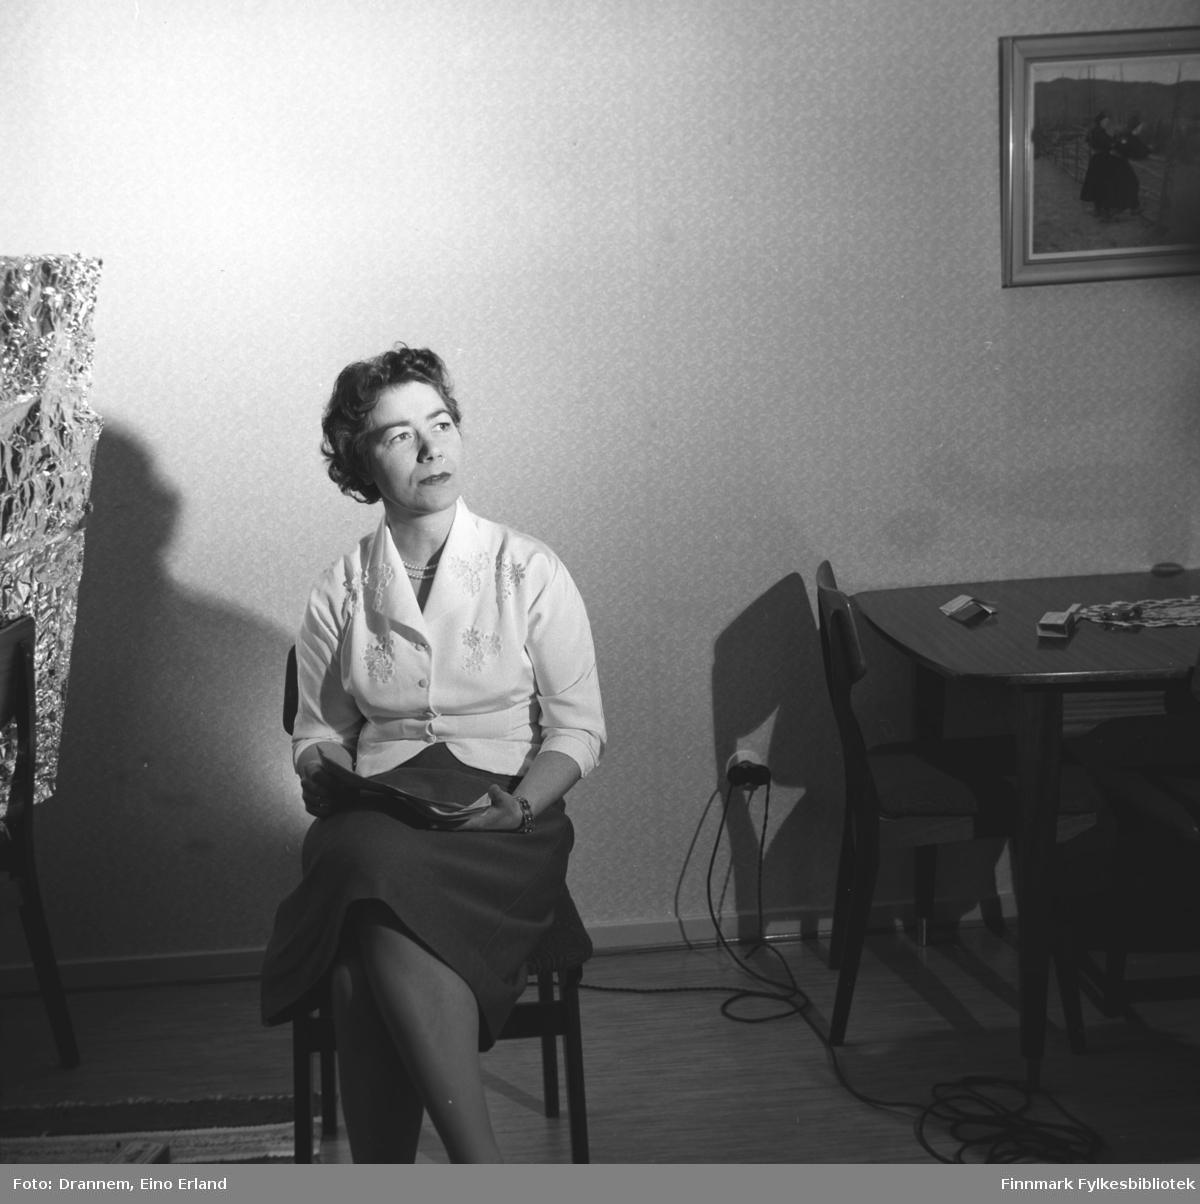 Portrett av Jenny Drannem en avis i fanget. 'Hjemmelaget' refleksskjerm er laget av aluminiumspapir. Liknende motiver fra 06009-254 til 06009-265